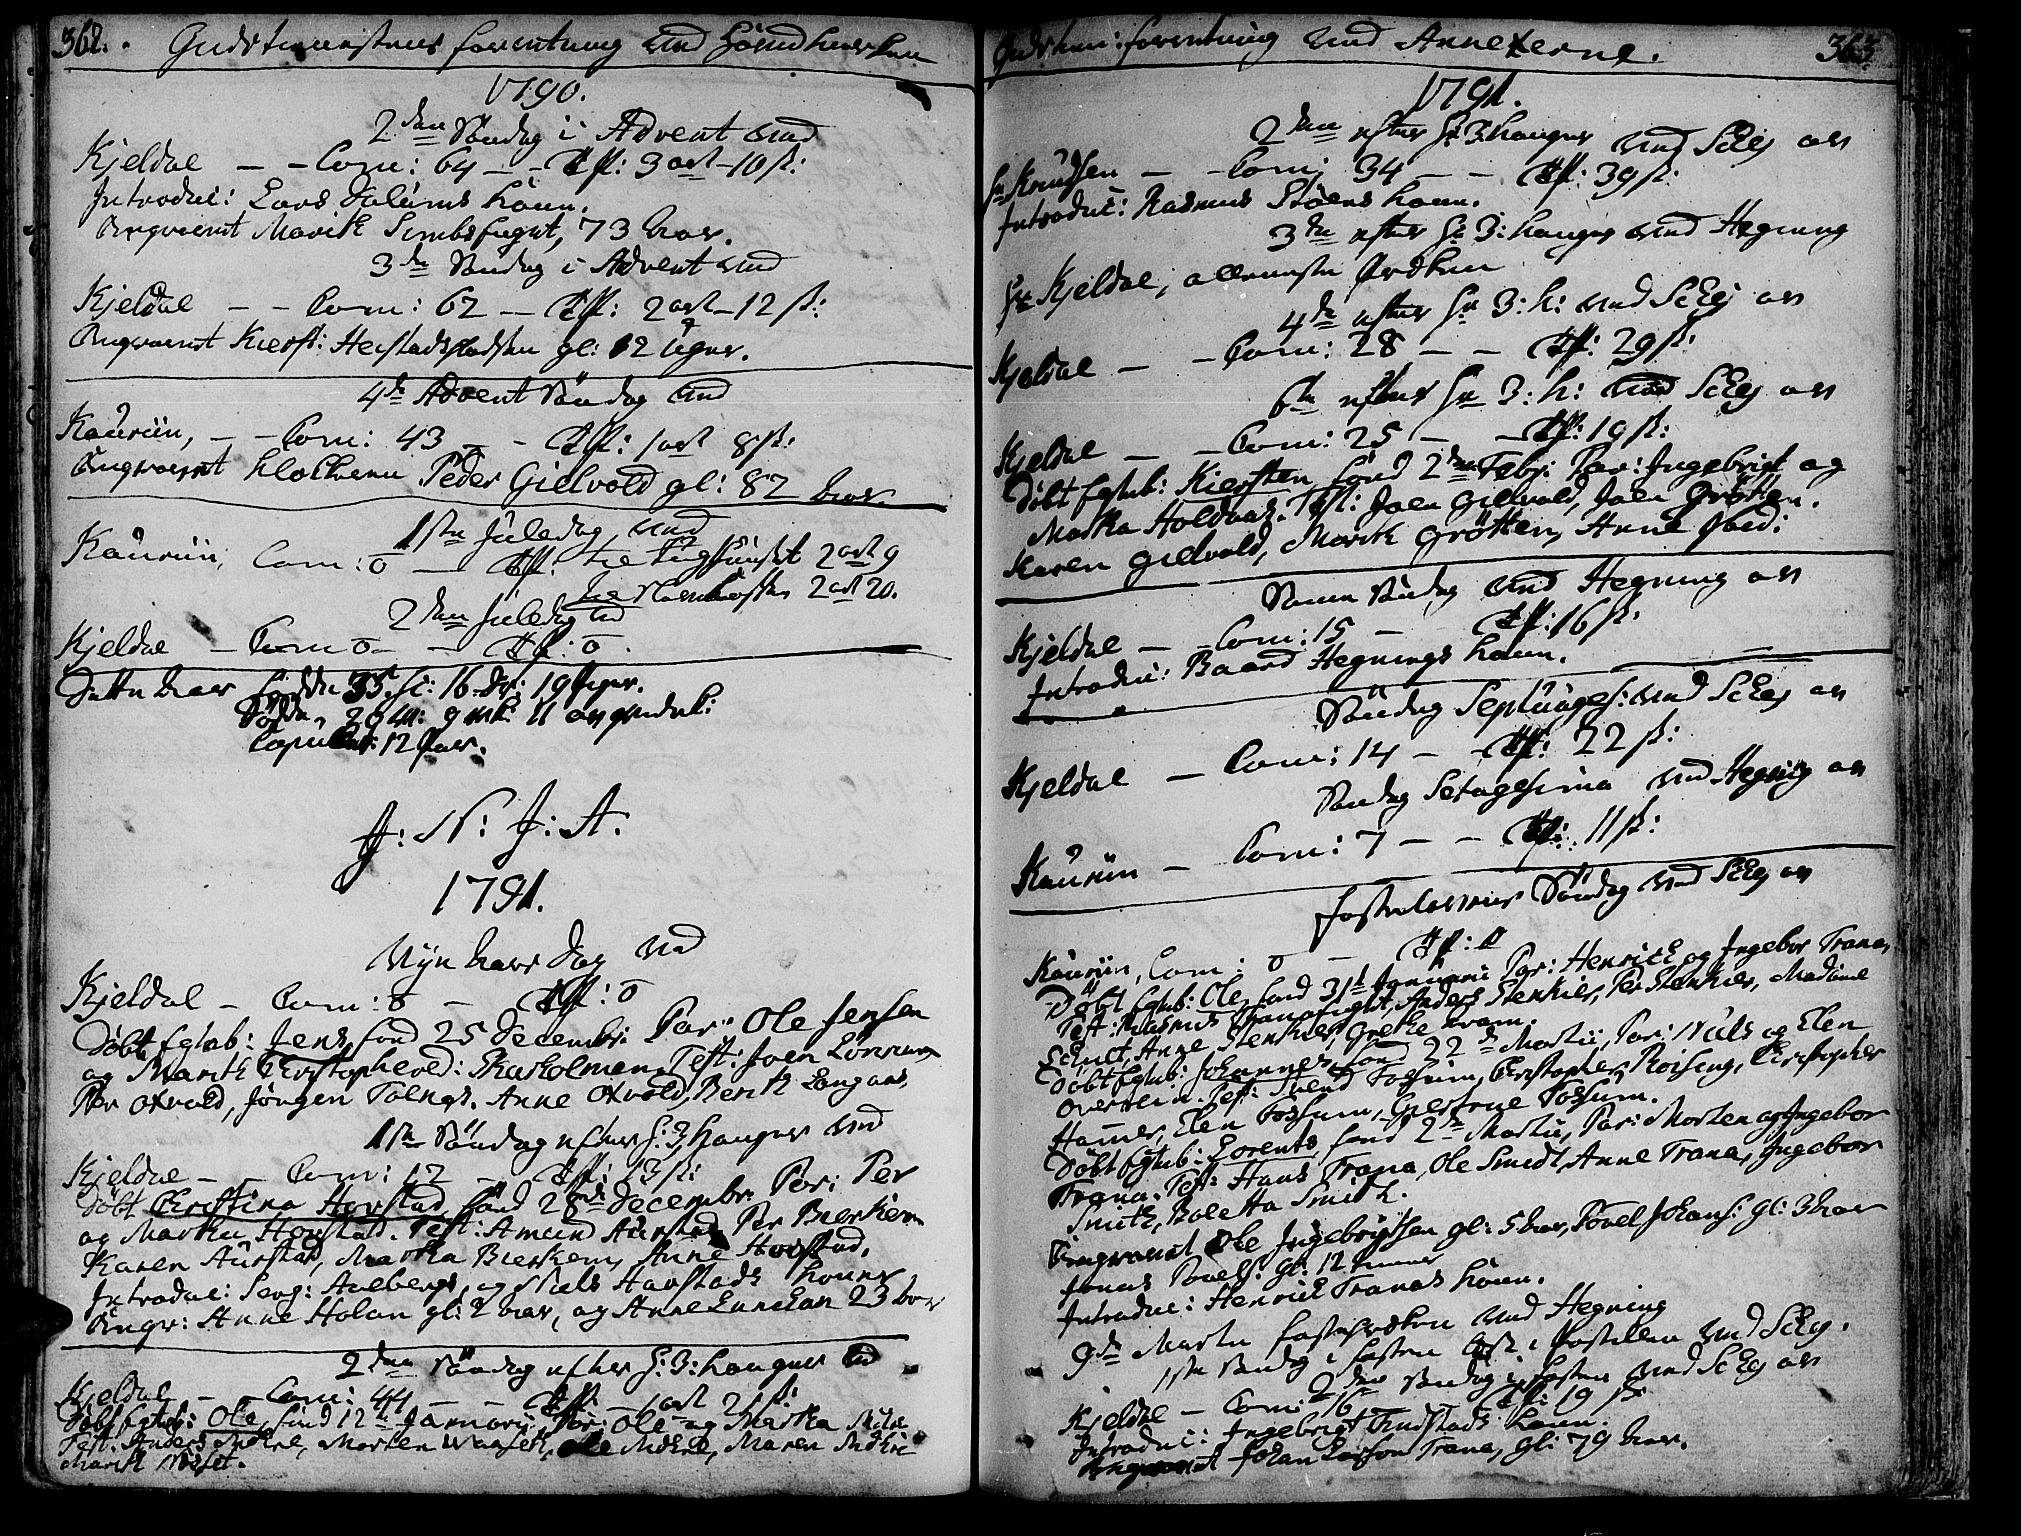 SAT, Ministerialprotokoller, klokkerbøker og fødselsregistre - Nord-Trøndelag, 735/L0331: Ministerialbok nr. 735A02, 1762-1794, s. 362-363